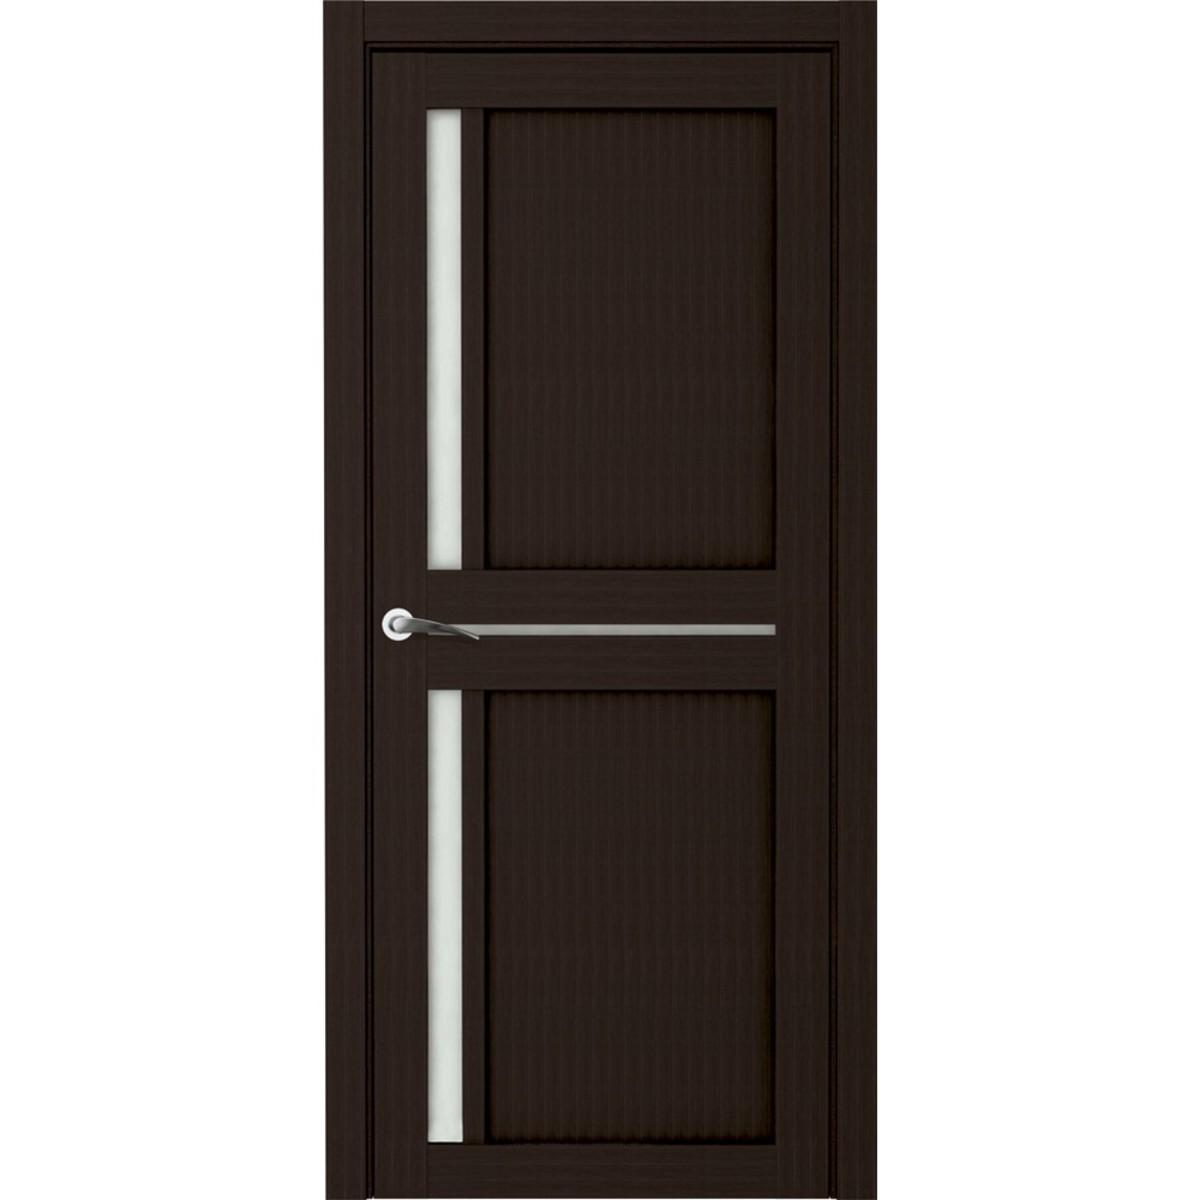 Дверь межкомнатная остеклённая Вита 70x200 см ламинация цвет мокко с фурнитурой